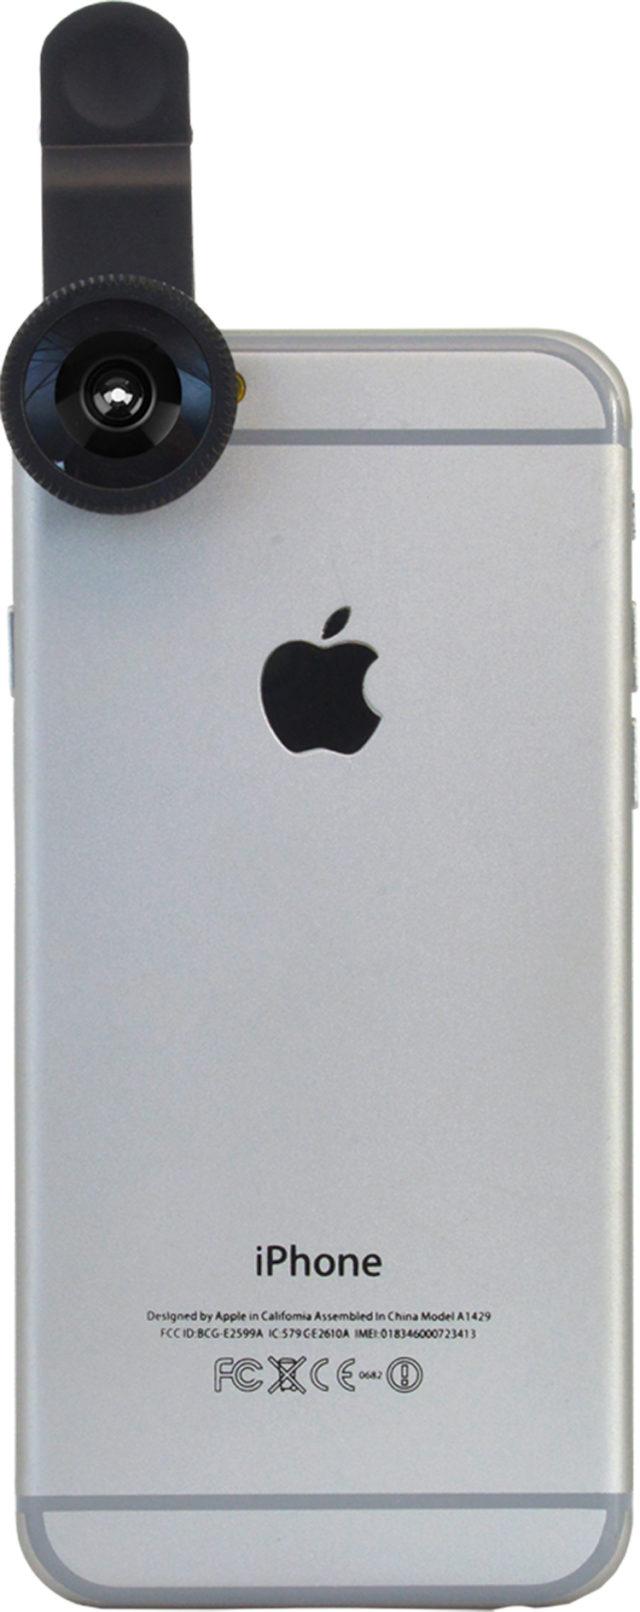 Clip lentille Fisheye pour smartphone (noir) - Packshot